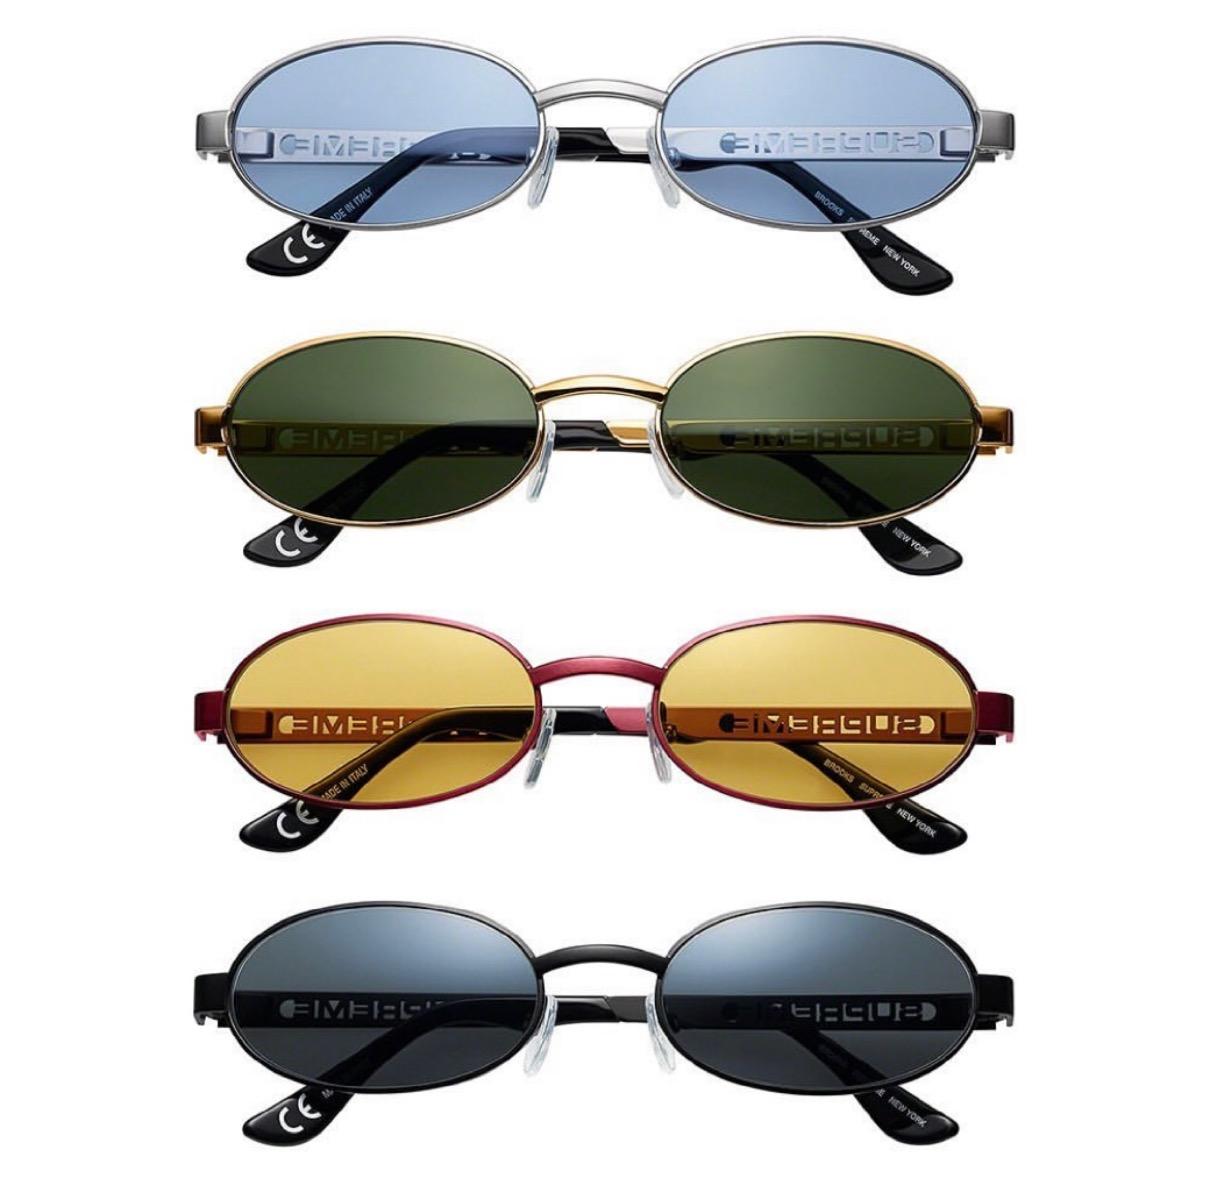 upreme 2021ss シュプリーム 2021春夏 week 17 Brooks Sunglasses